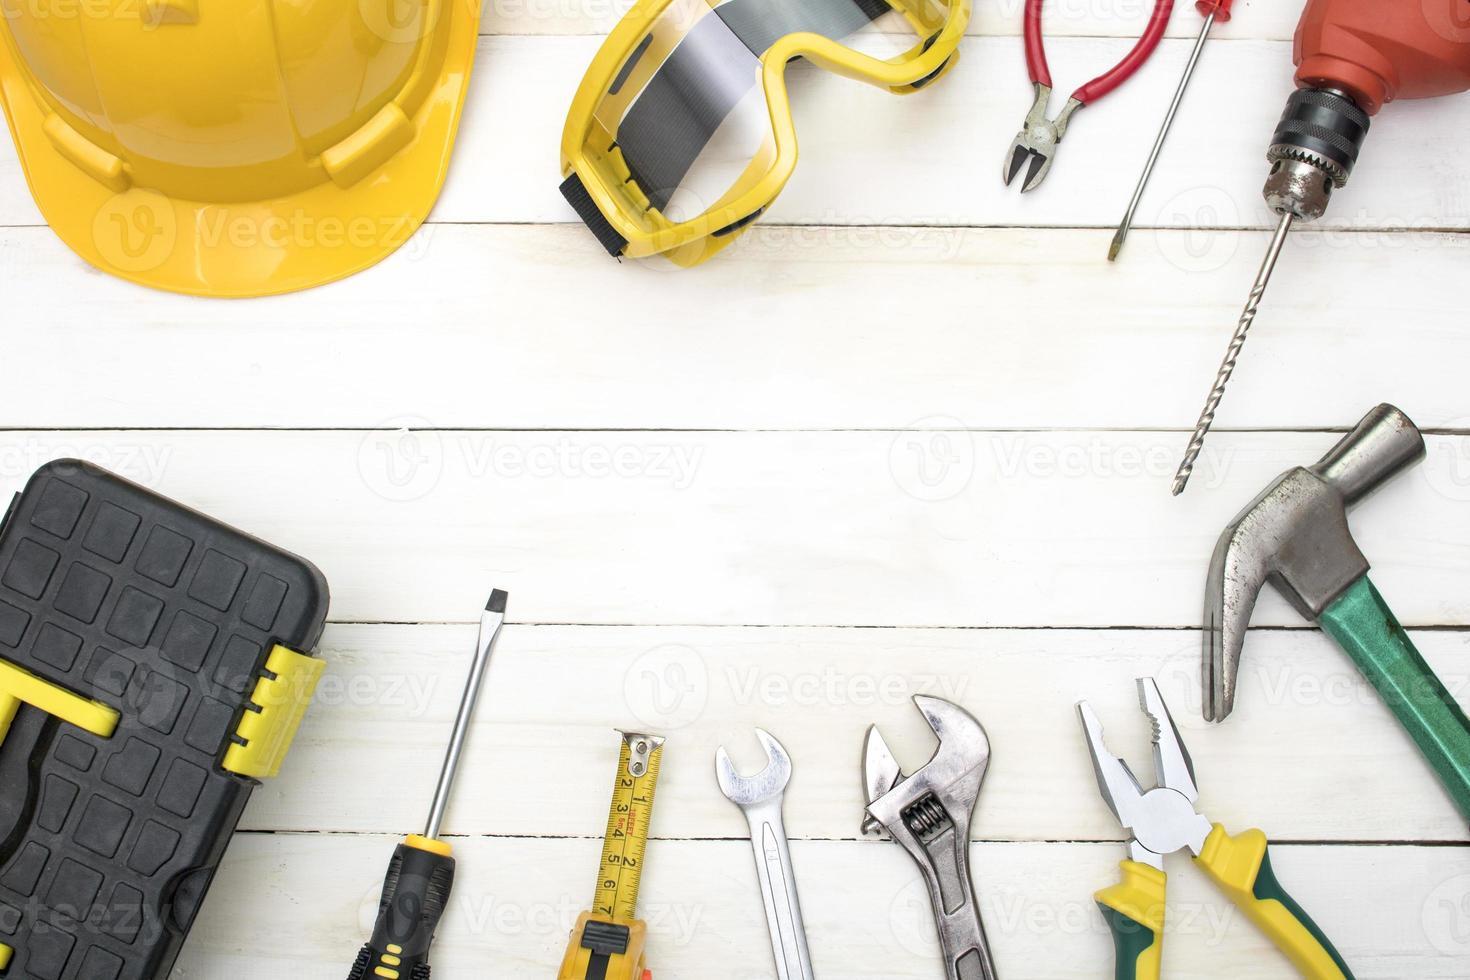 konstruktionsverktyg på vitt trä, kopiera utrymme i mitten foto